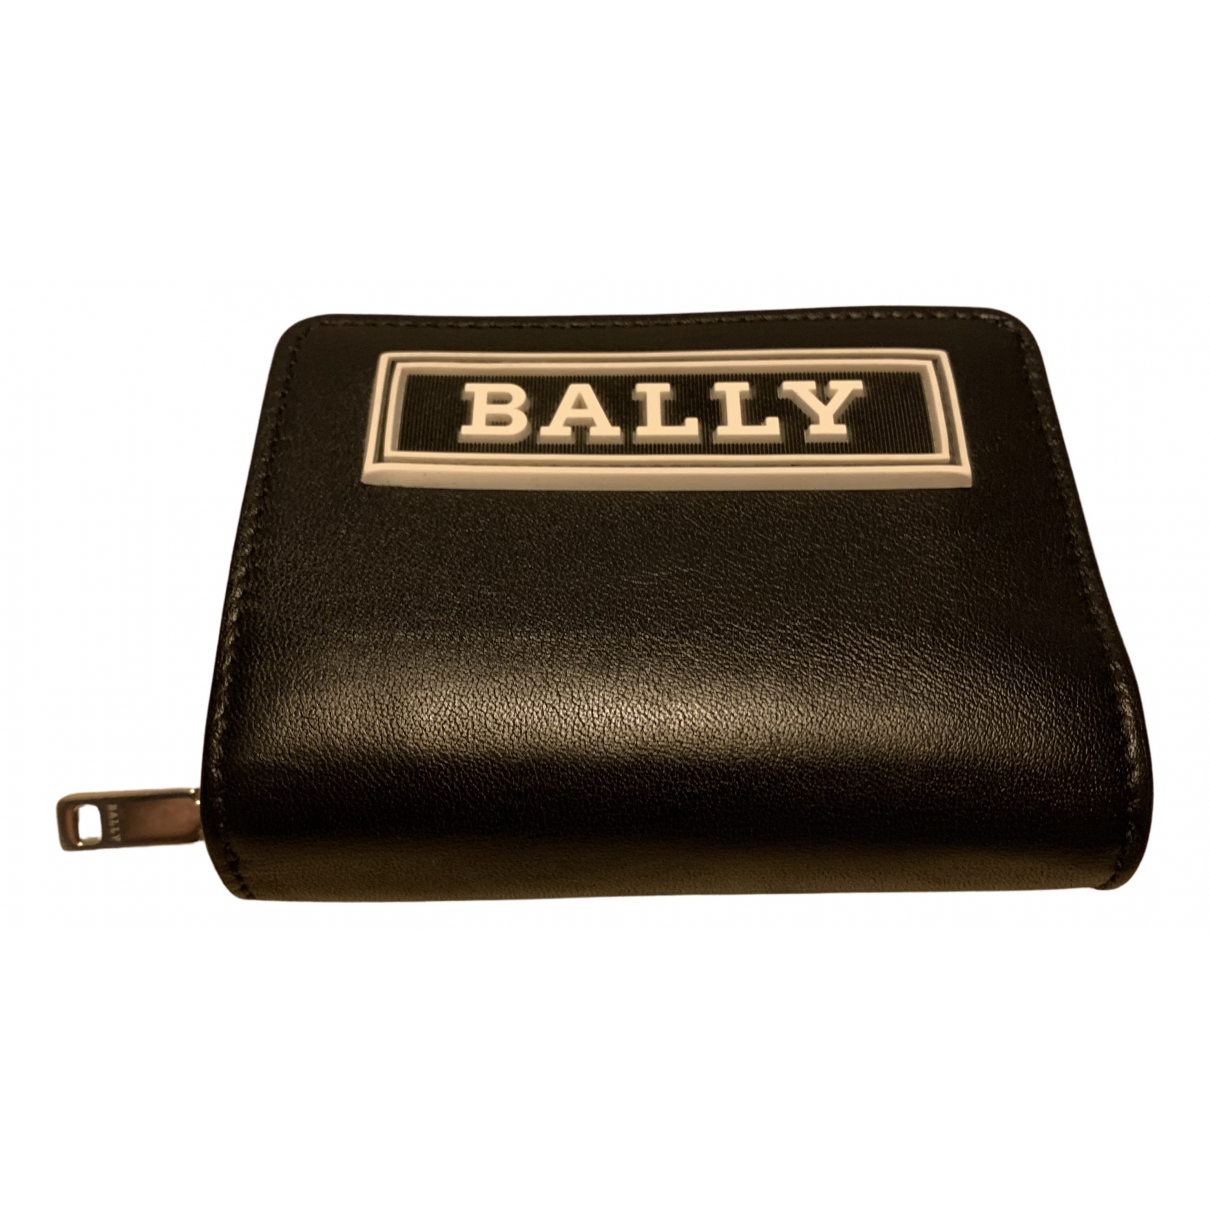 Bally - Petite maroquinerie   pour homme en cuir - noir